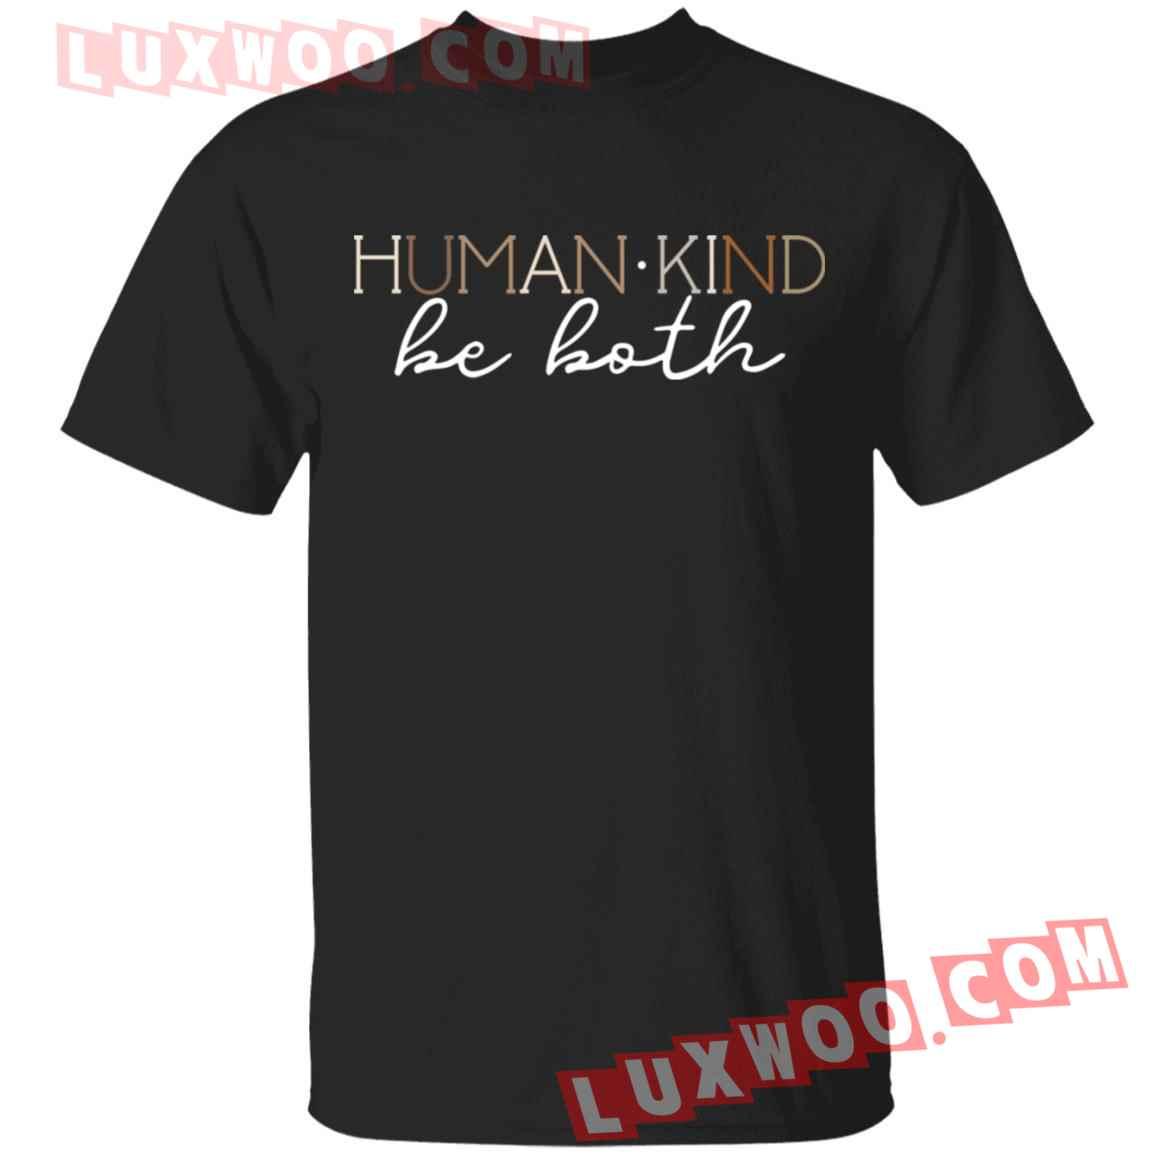 Human Kind Be Both Shirt